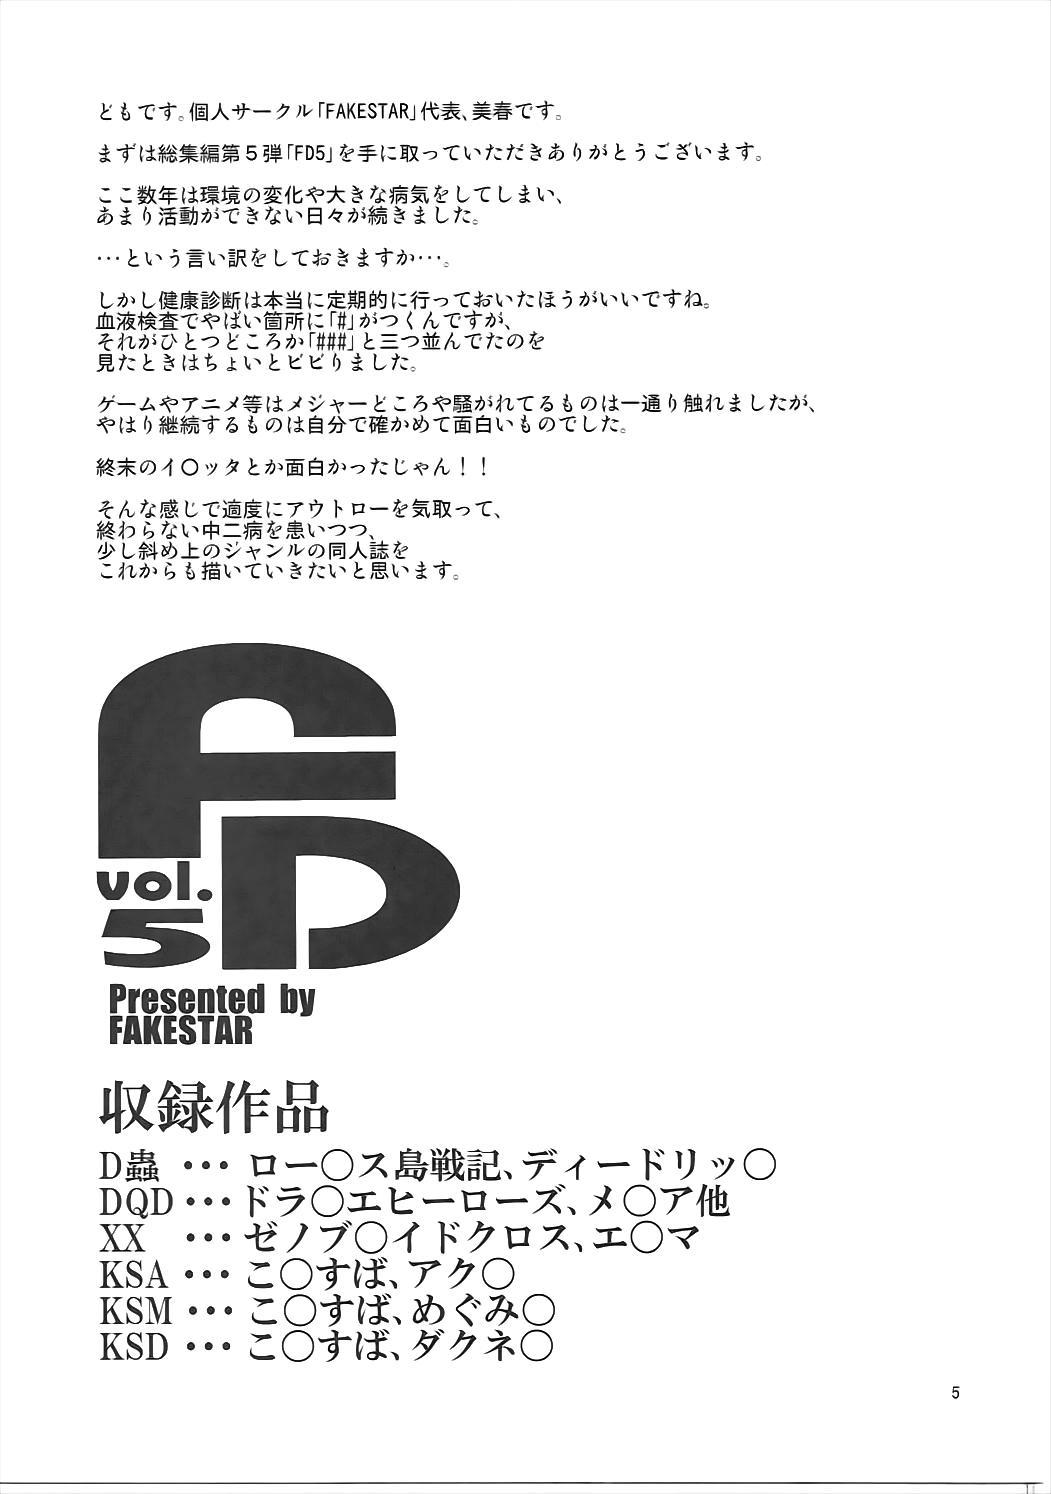 FD Vol. 5 3